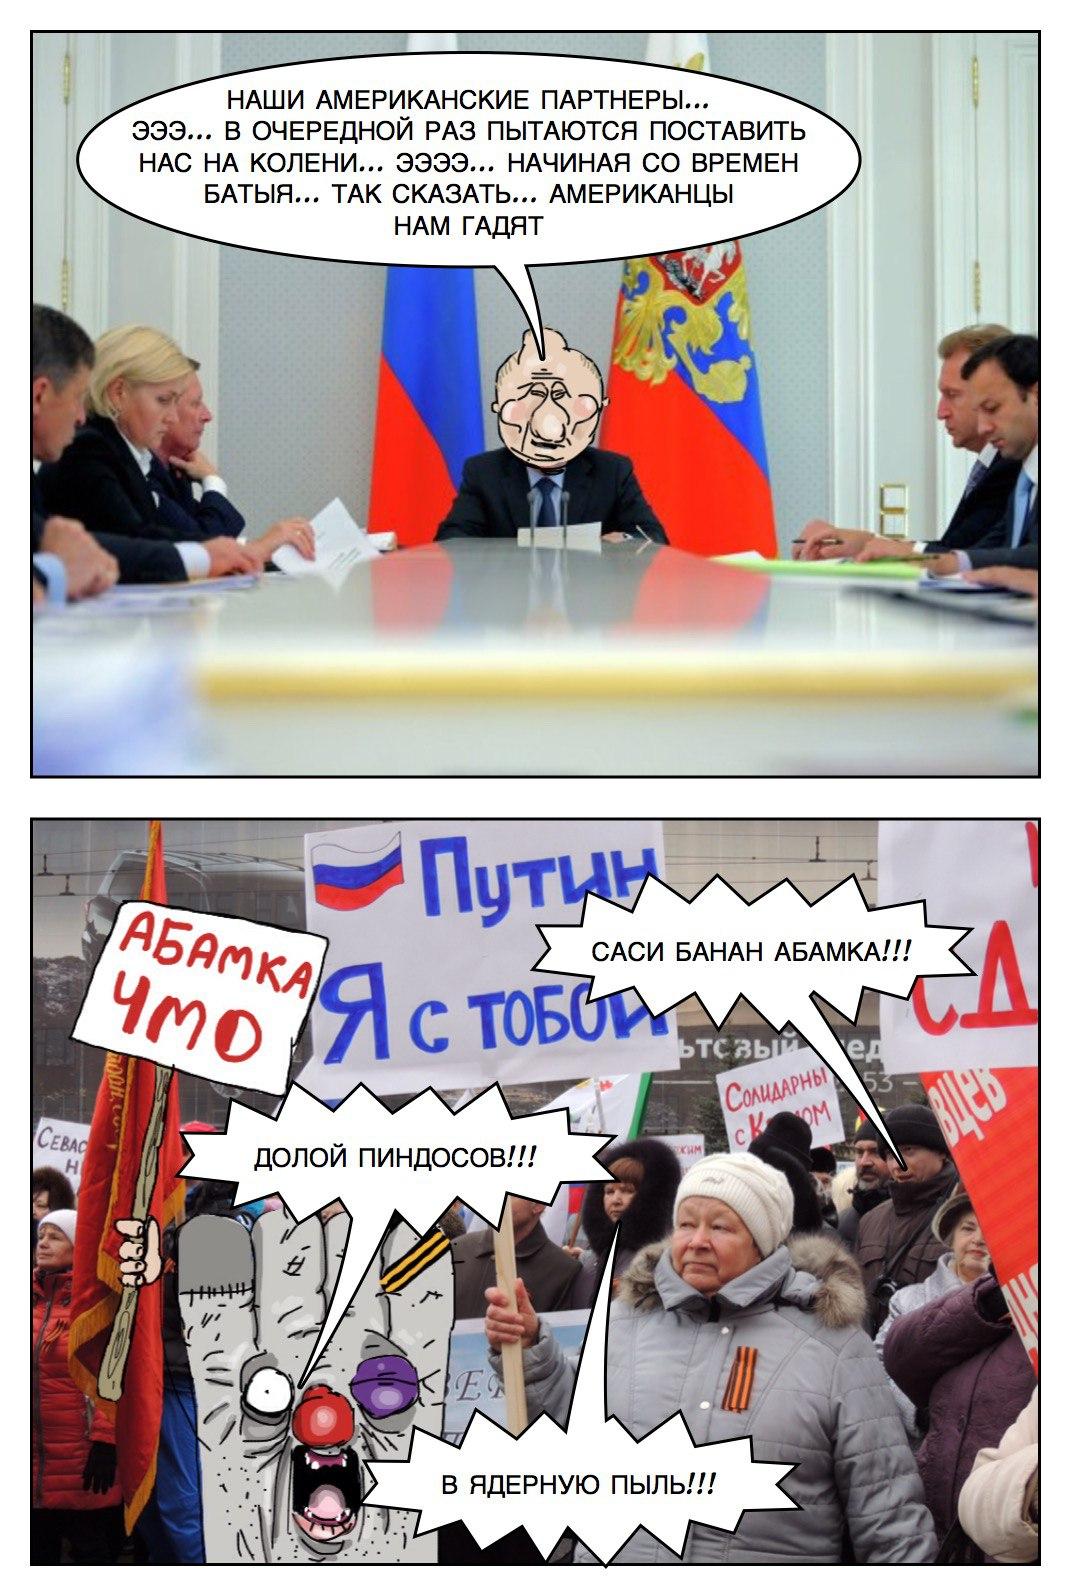 Только благодаря позиции Обамы Россия достигла таких успехов в Сирии, - Путин - Цензор.НЕТ 8153